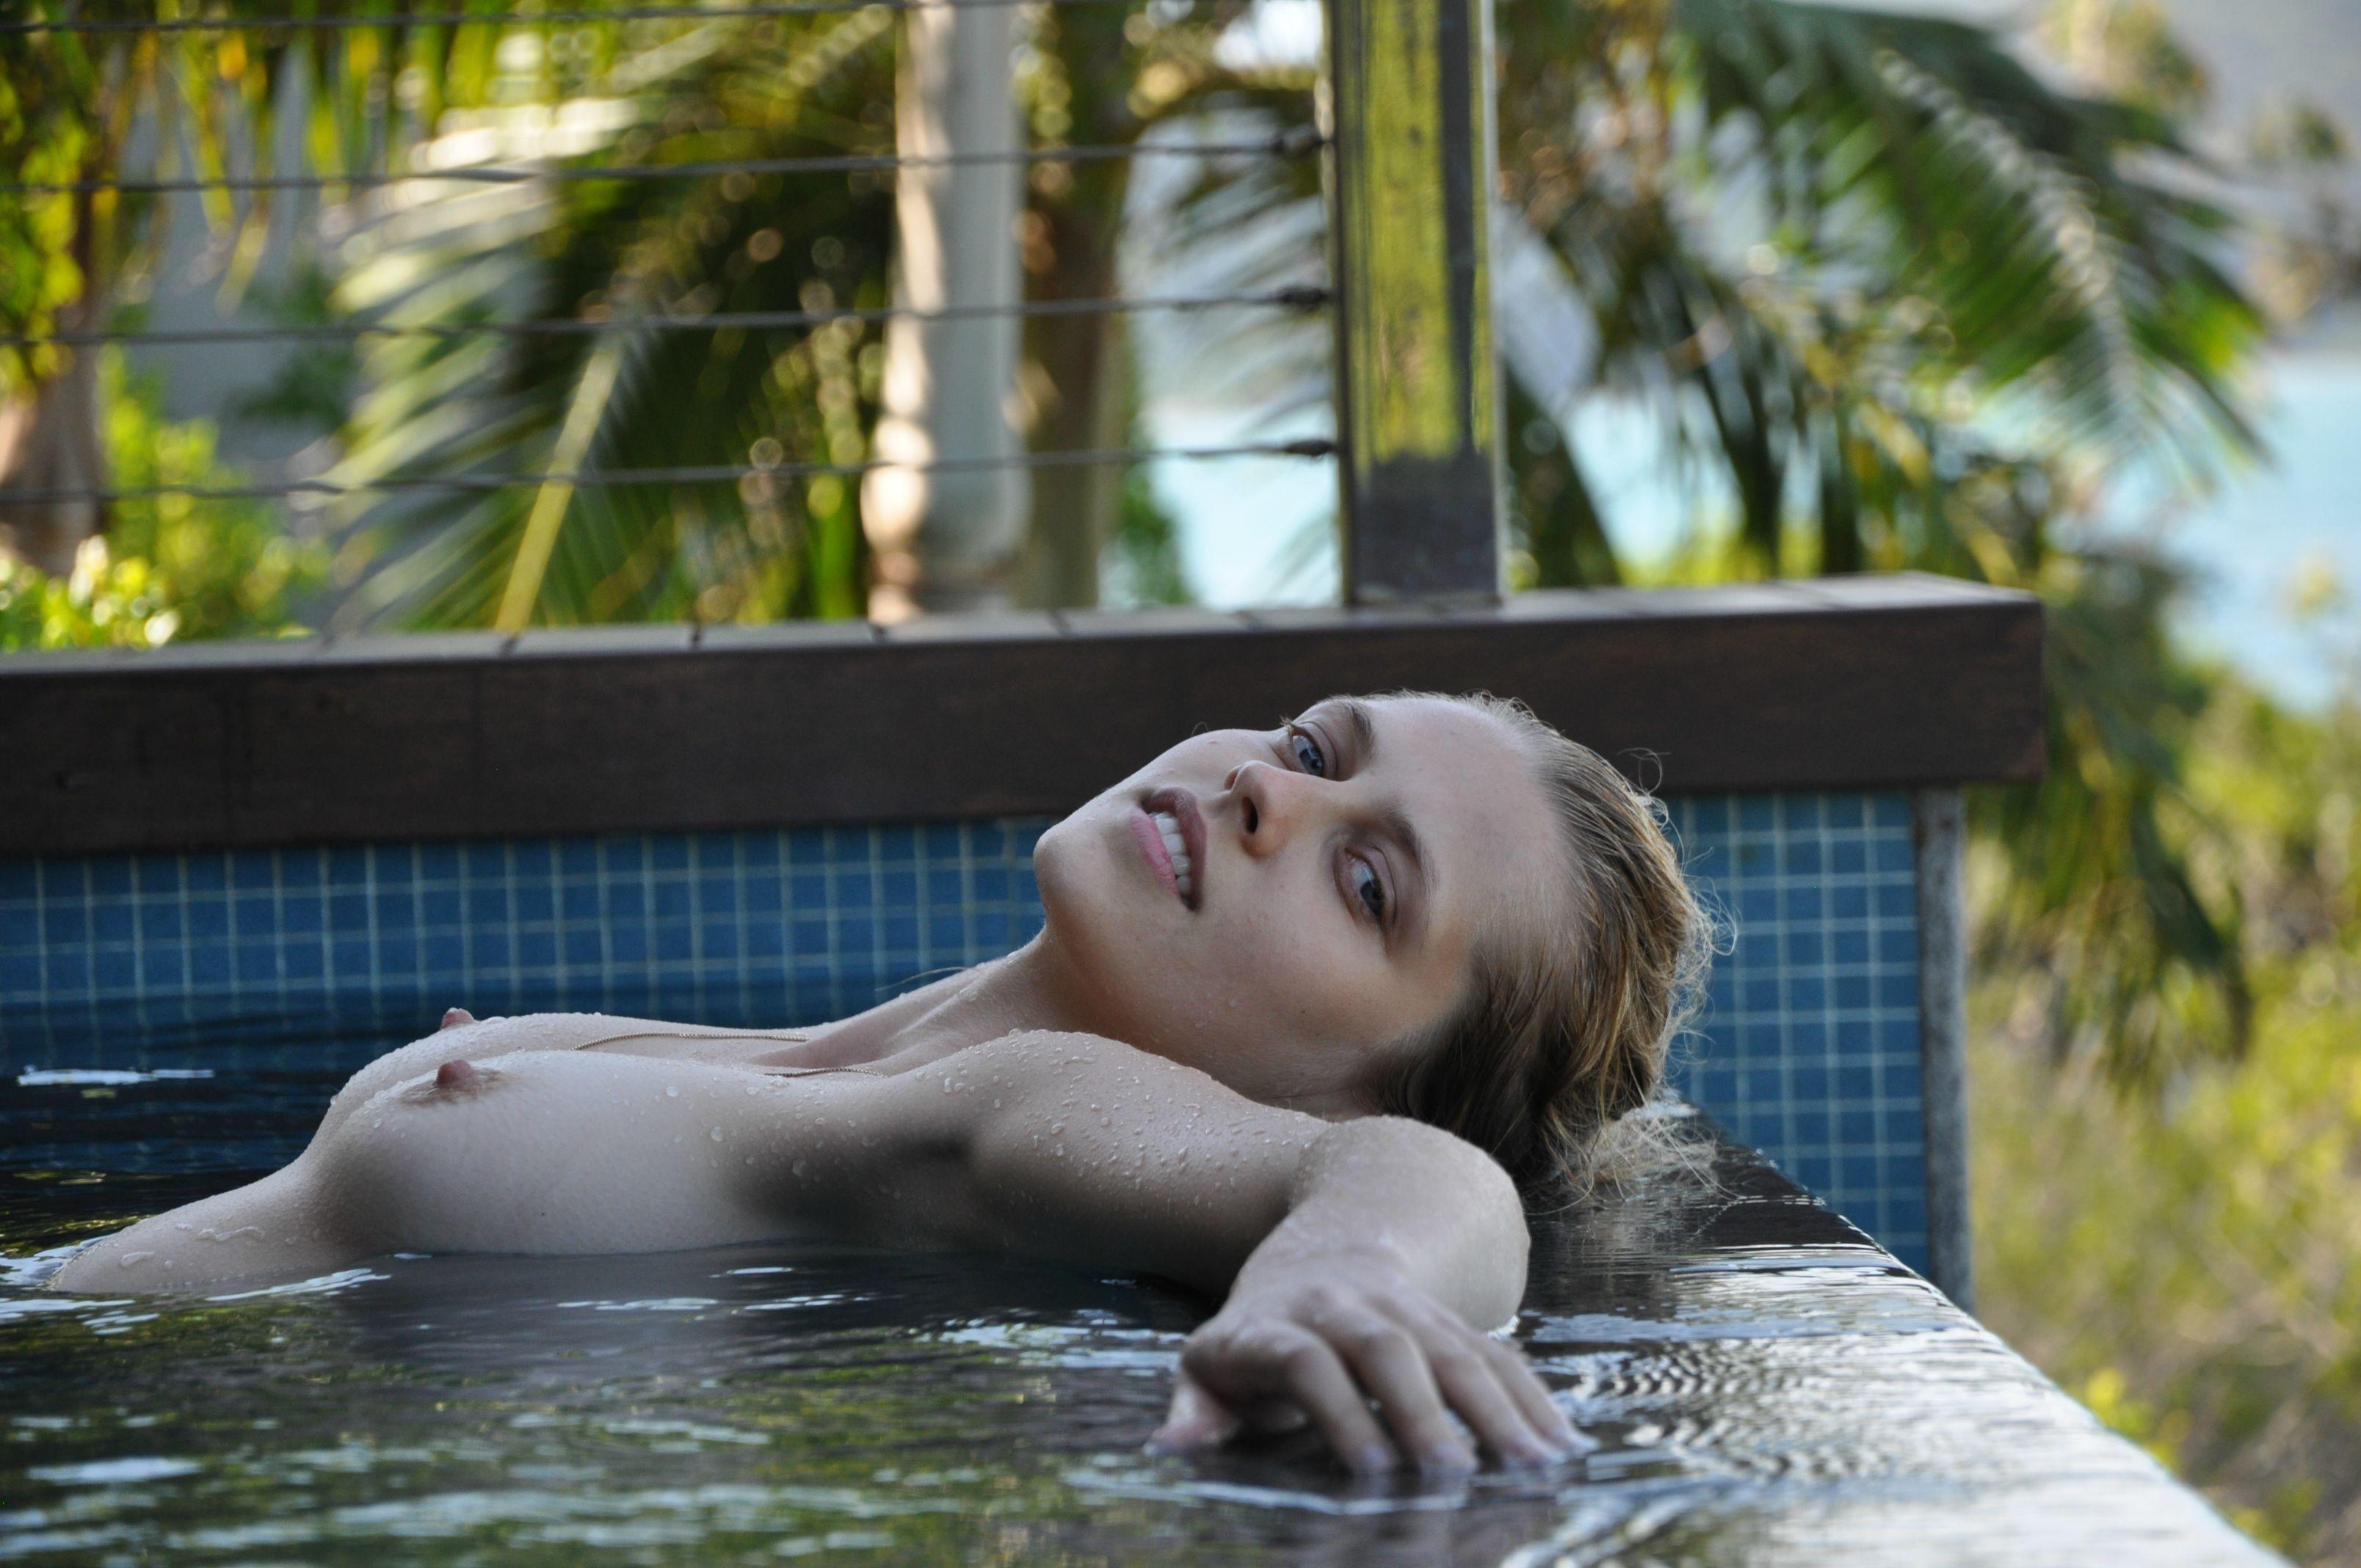 Teresa palmer nude photos naked sex pics